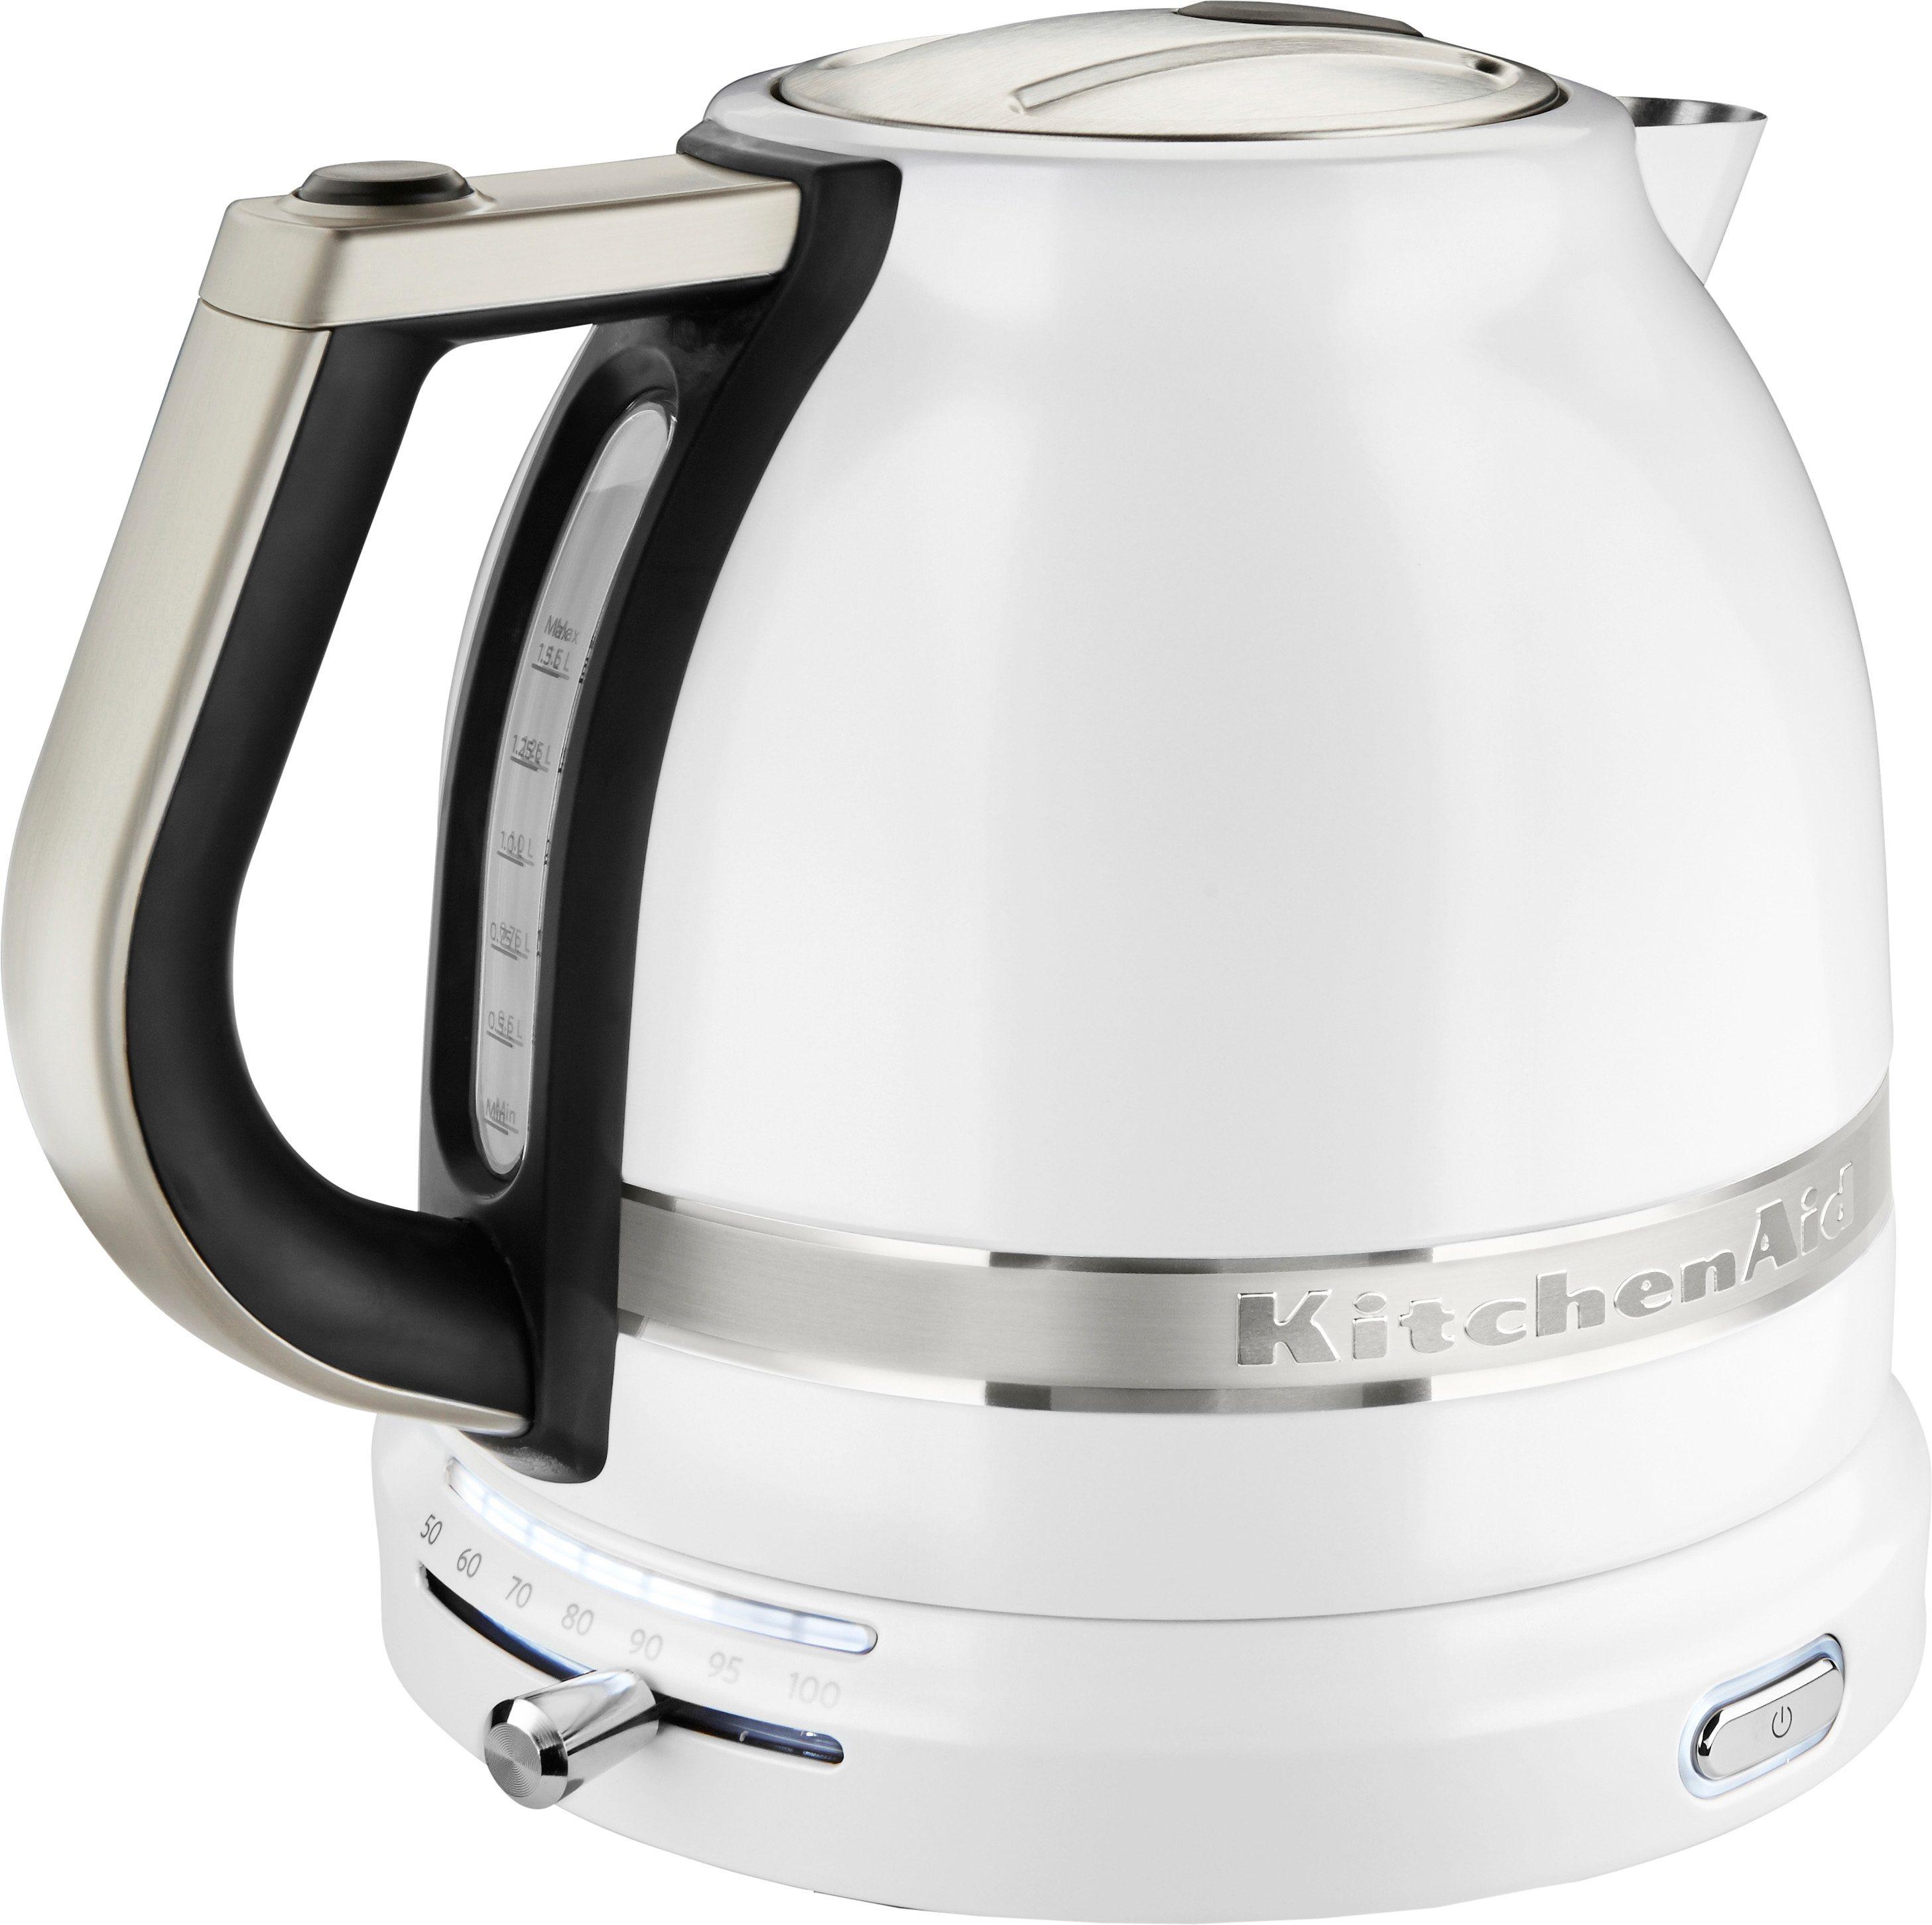 KitchenAid Wasserkocher 5KEK1522EFP, 1,5 l, 2400 W, frosted pearl